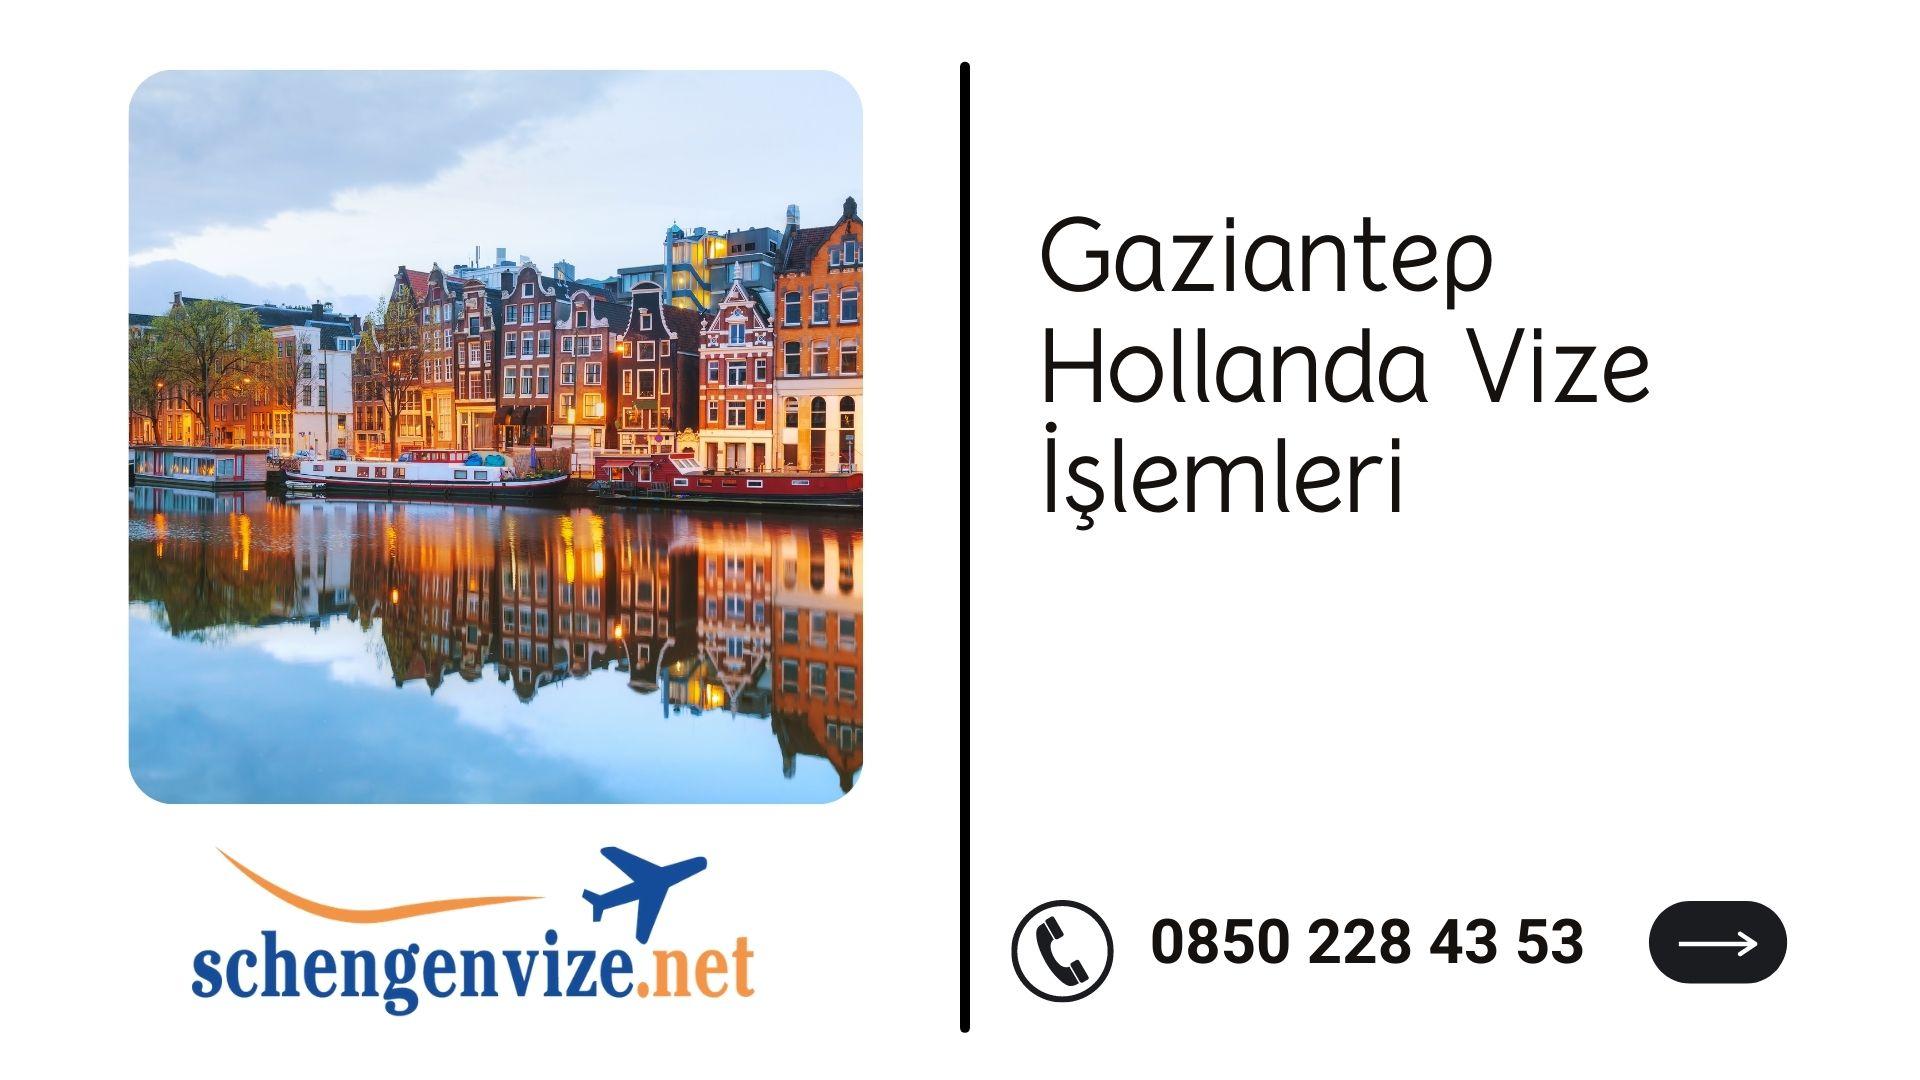 Gaziantep Hollanda Vize İşlemleri